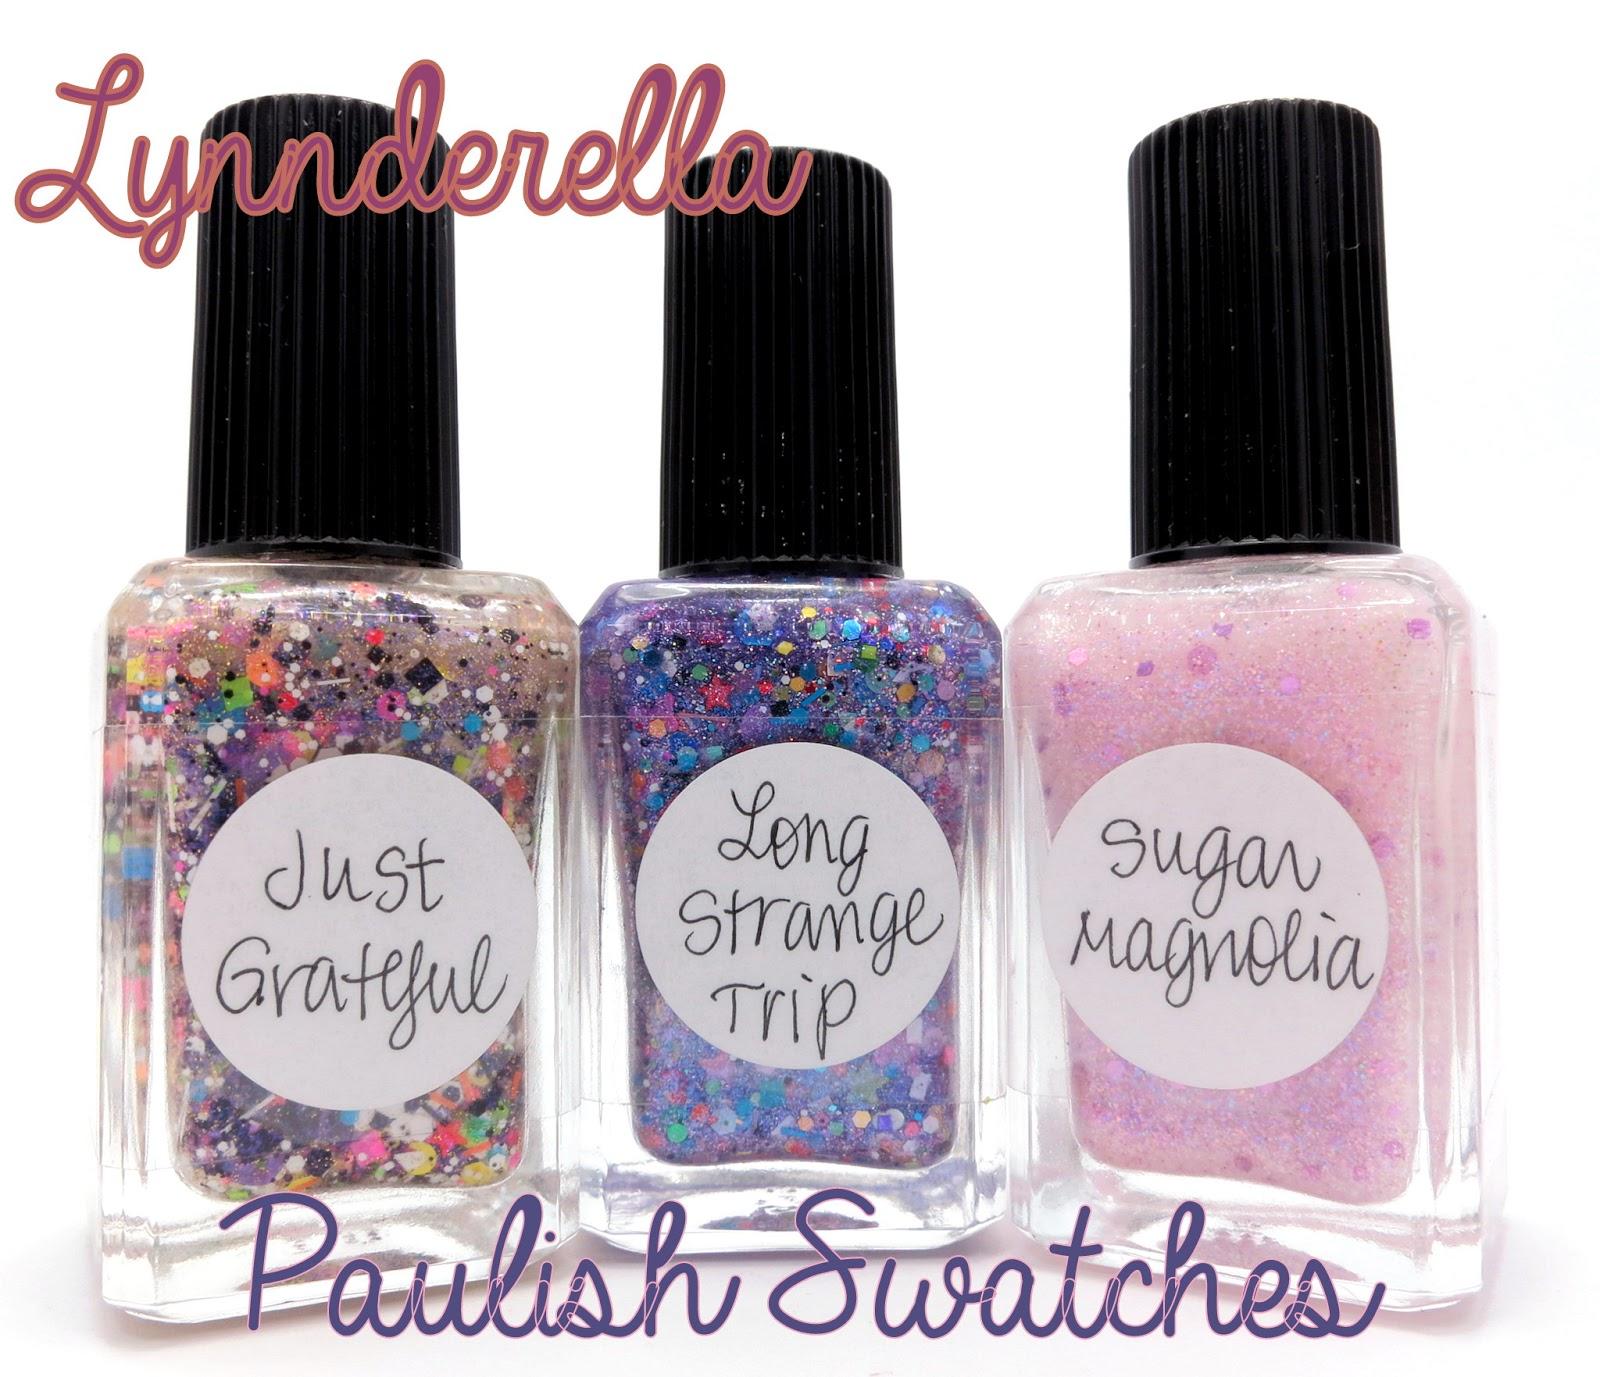 Lynnderella Paulish